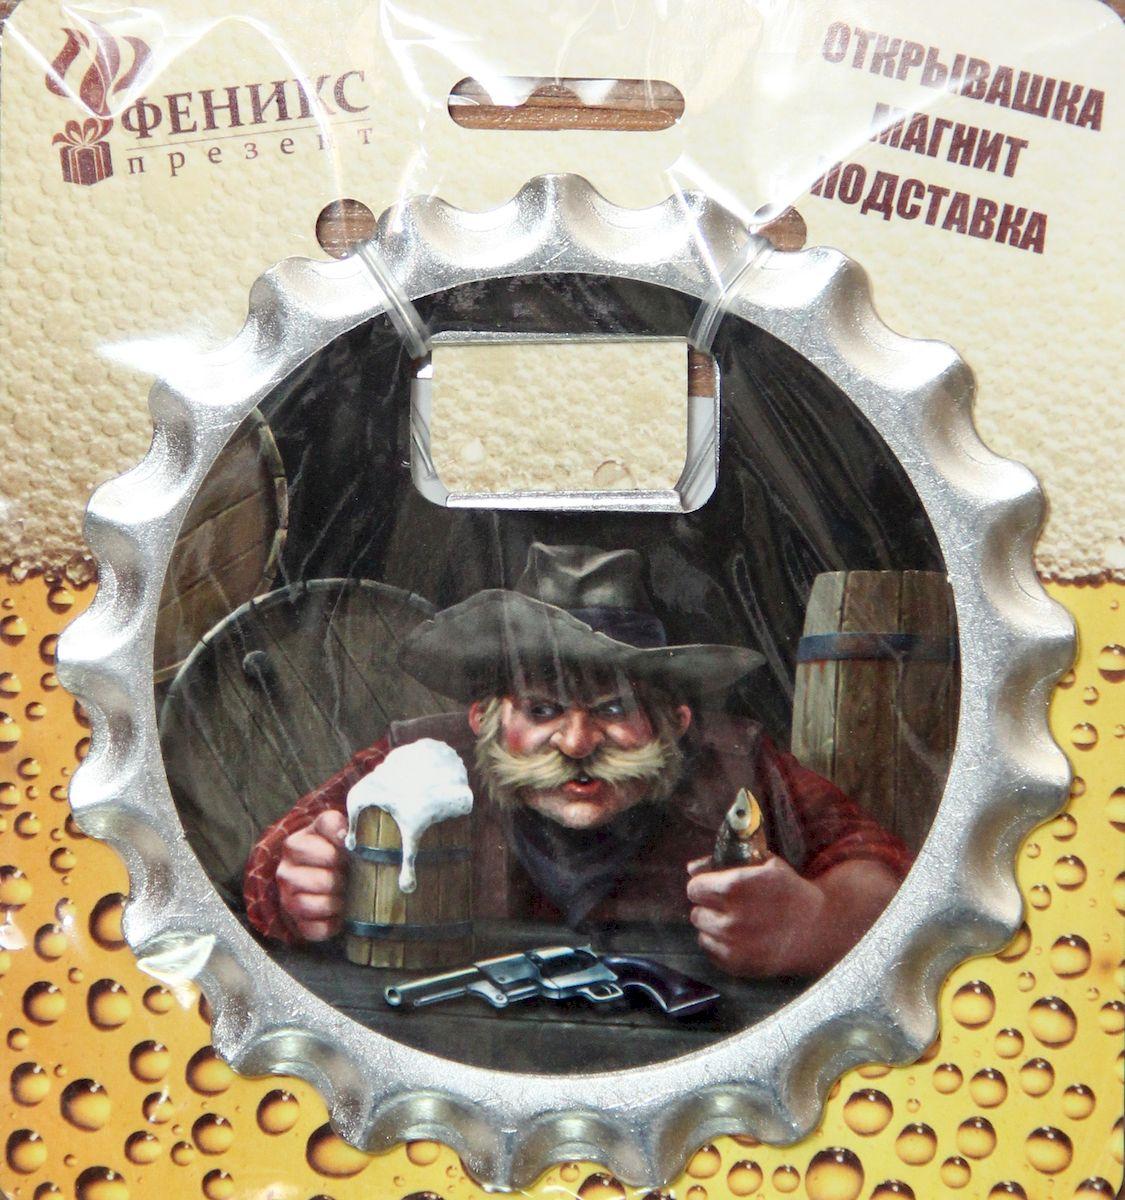 Ключ для открывания бутылок Magic Home Бандит, с магнитом94672Ключ для открывания бутылок - это полезный и нужный прибор в каждом доме. Он представляет собой подставку под пивной стакан с отверстием для удобного снятия металлических пробок с бутылок. Лицевая сторона украшена оригинальным изображением, а на оборотной стороне закреплены магнит и три пробковые вставки для защиты поверхности стола от повреждений. Изделие выполнено из оцинкованного металла.